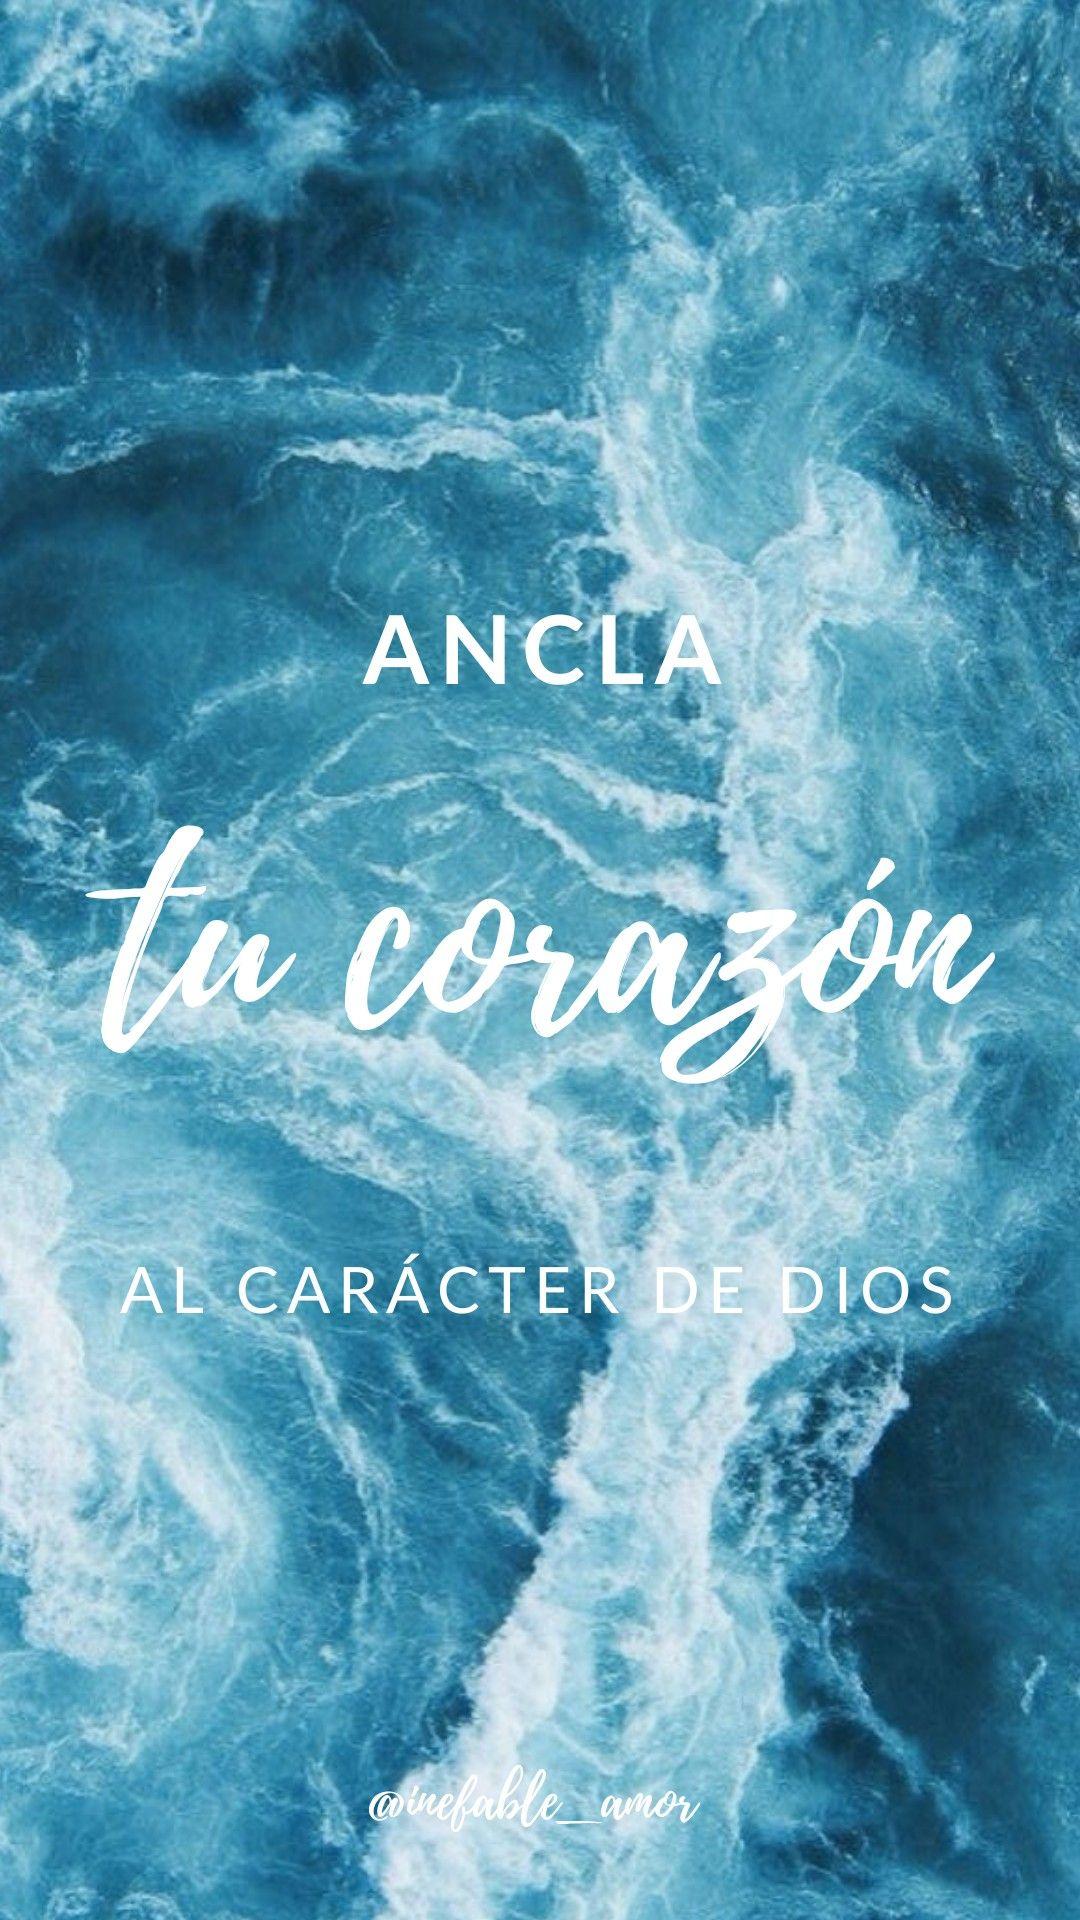 #amor #Anhelo #Biblia #Bibleverse #pasion #camino #Dios #Diosesamor #Fortaleza #Debillidad #Verse #Quotes #ancla #Corazón #Jesús #Bible #verdad